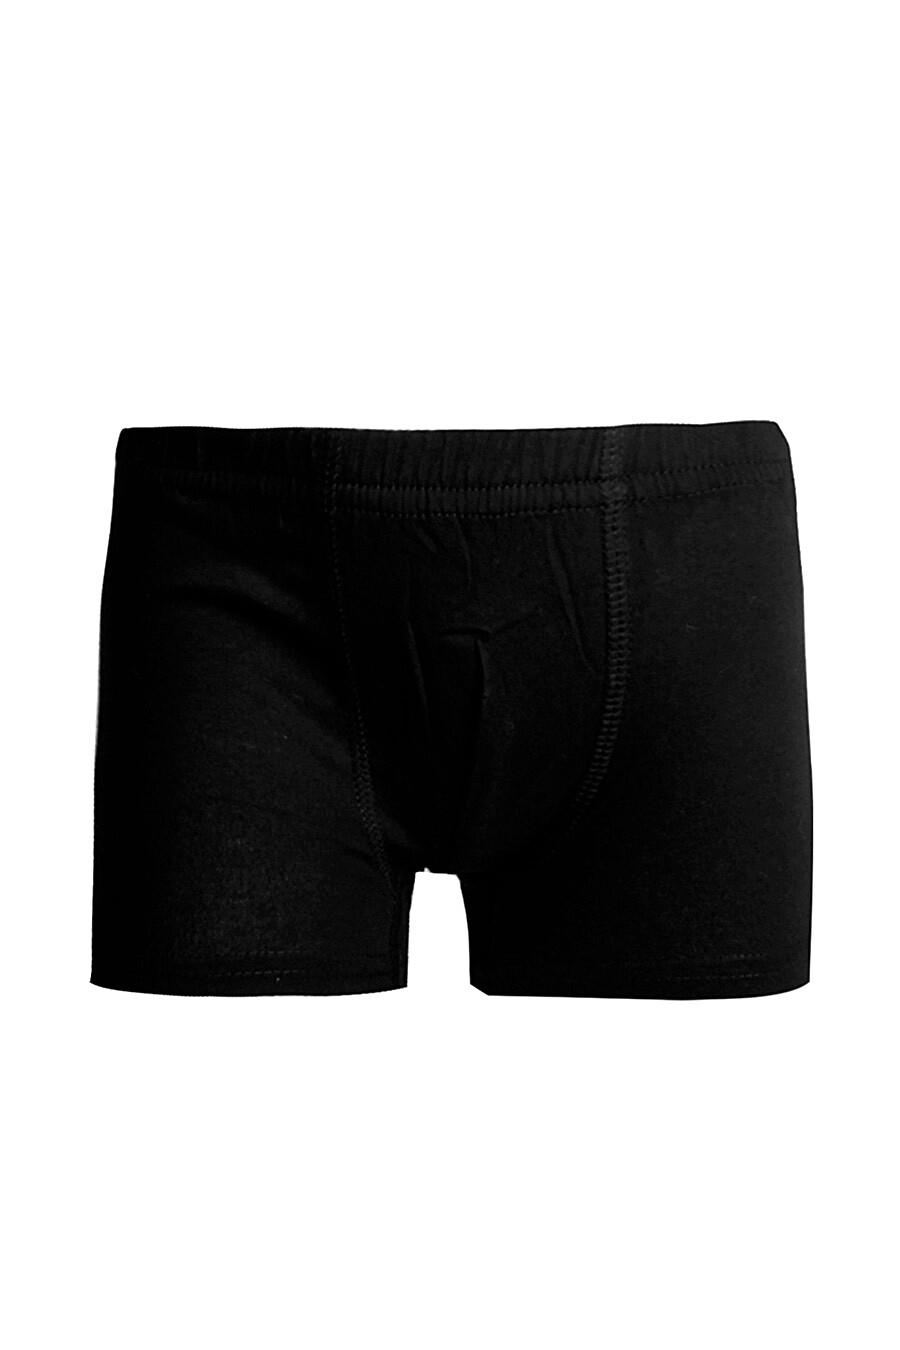 Трусы для мальчиков N.O.A. 247481 купить оптом от производителя. Совместная покупка детской одежды в OptMoyo